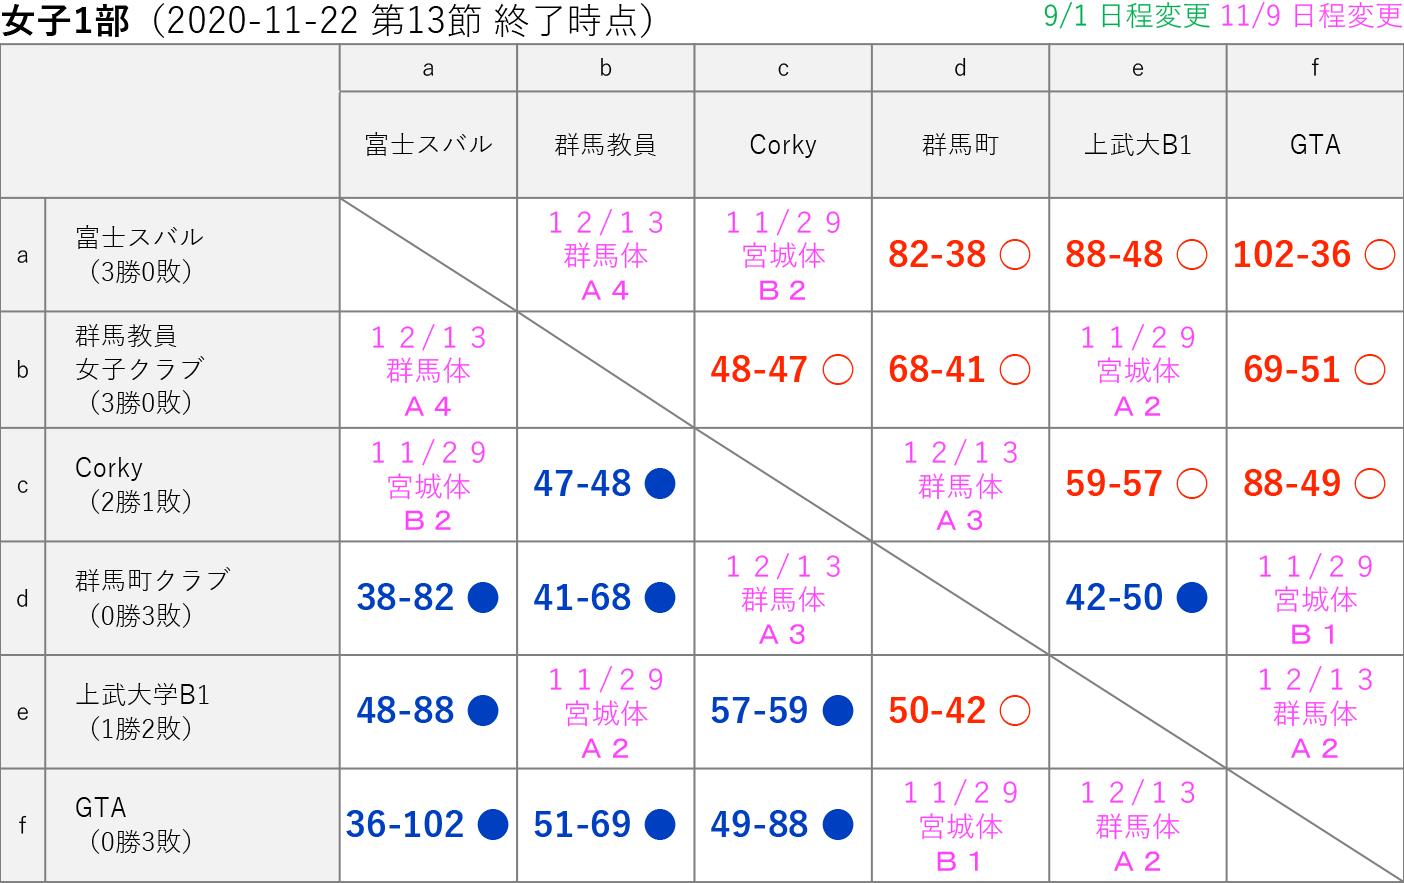 2020社会人リーグ 女子1部 星取り表 2020-11-22(第13節終了時)